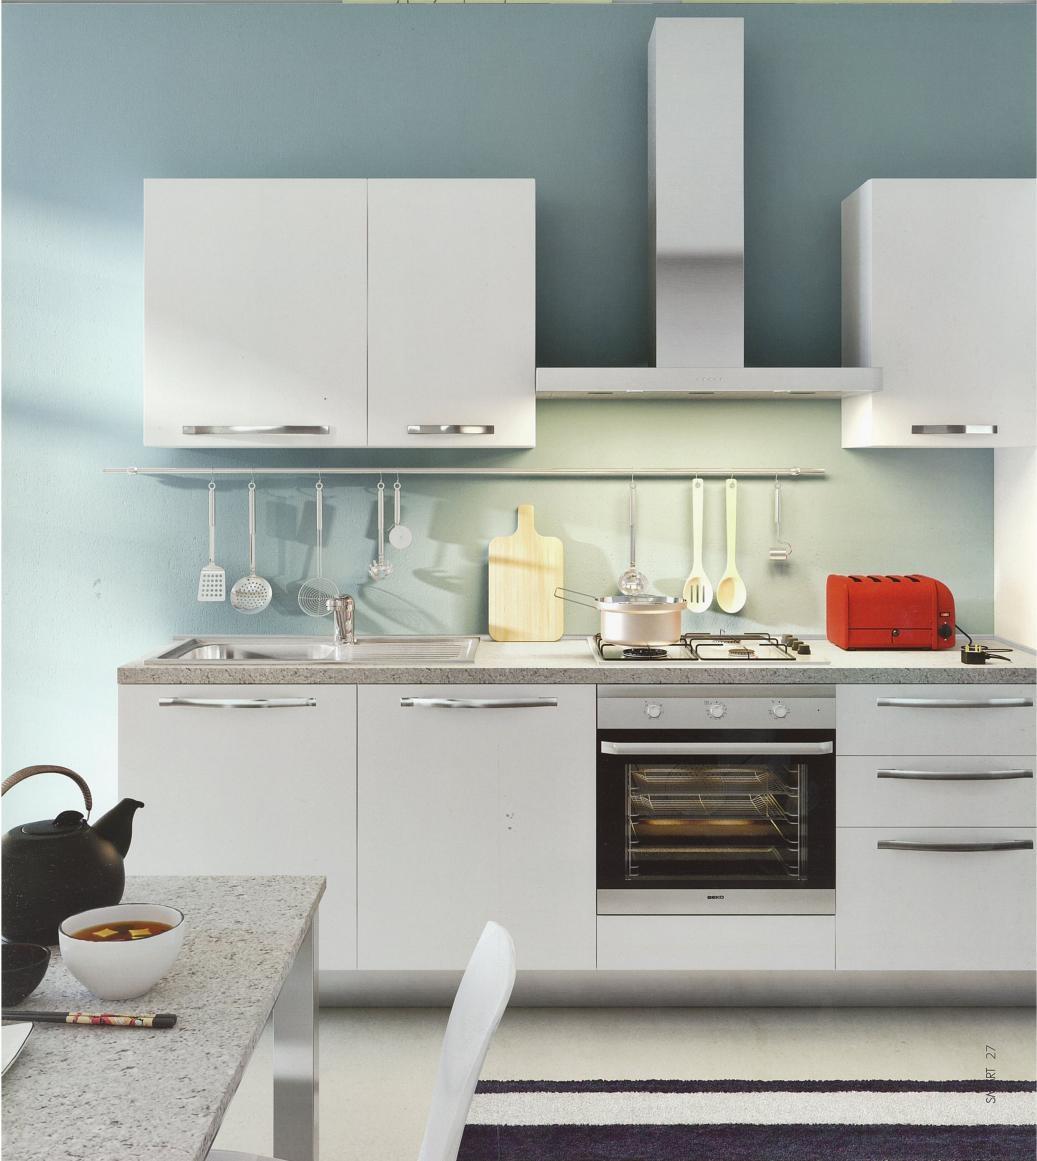 Cucina moderna modello luna finiture a scelta arredo3 for Cucine arredo tre